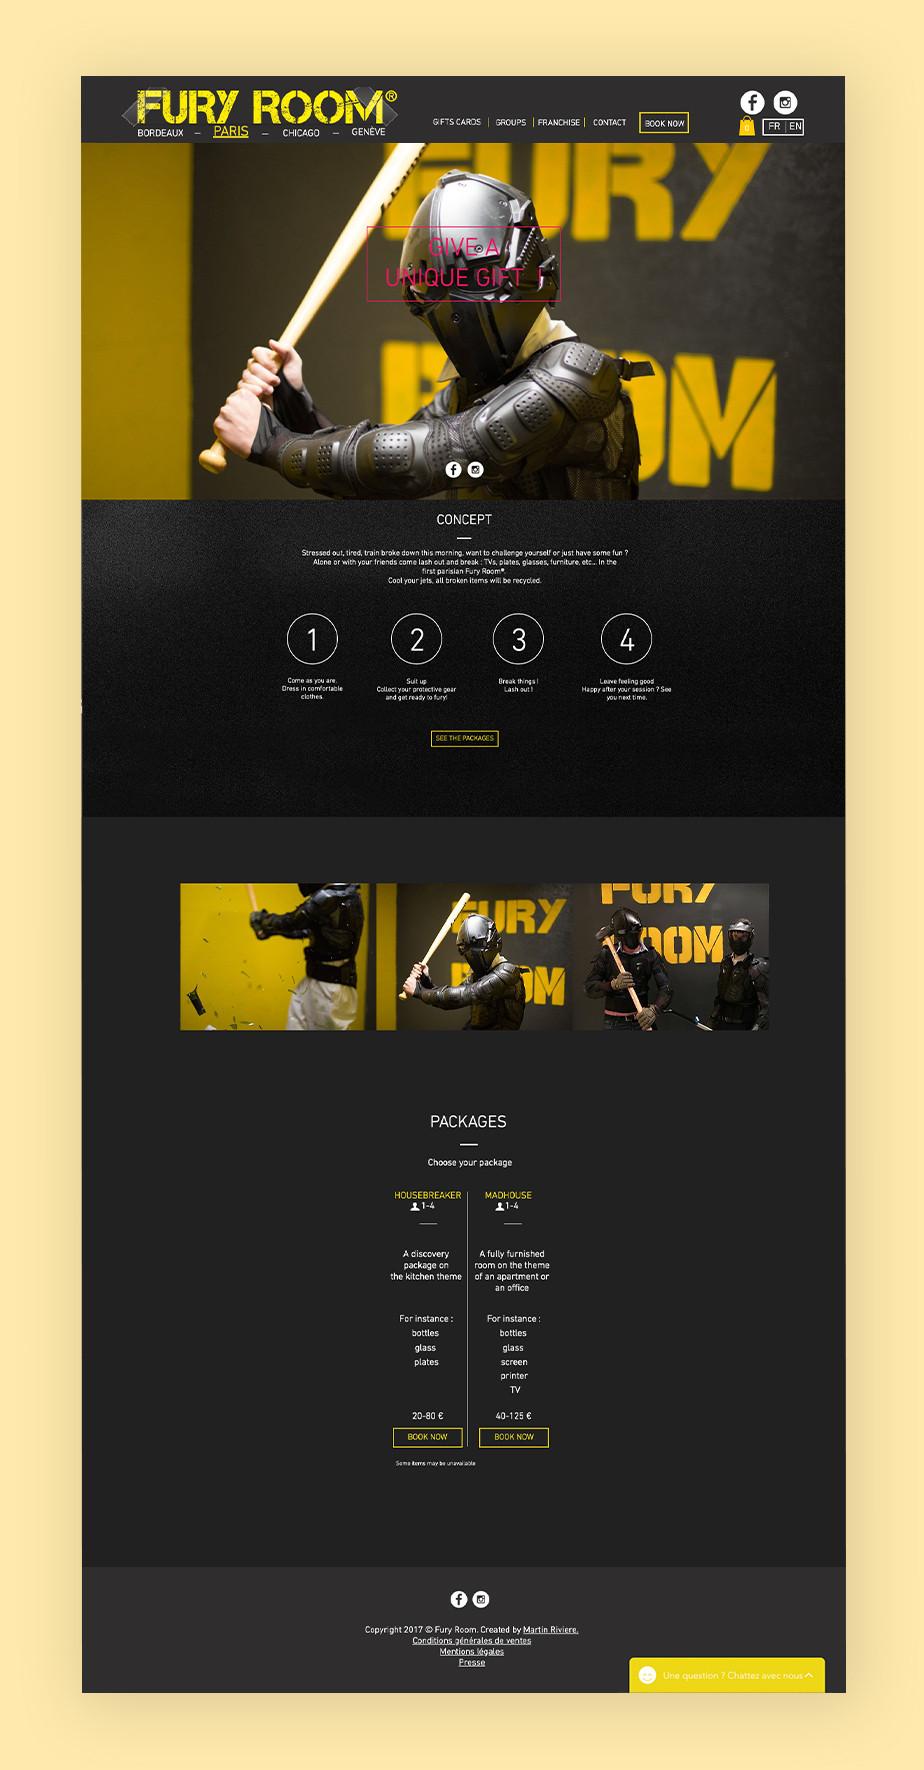 Fury Roomのオンライン予約サイト